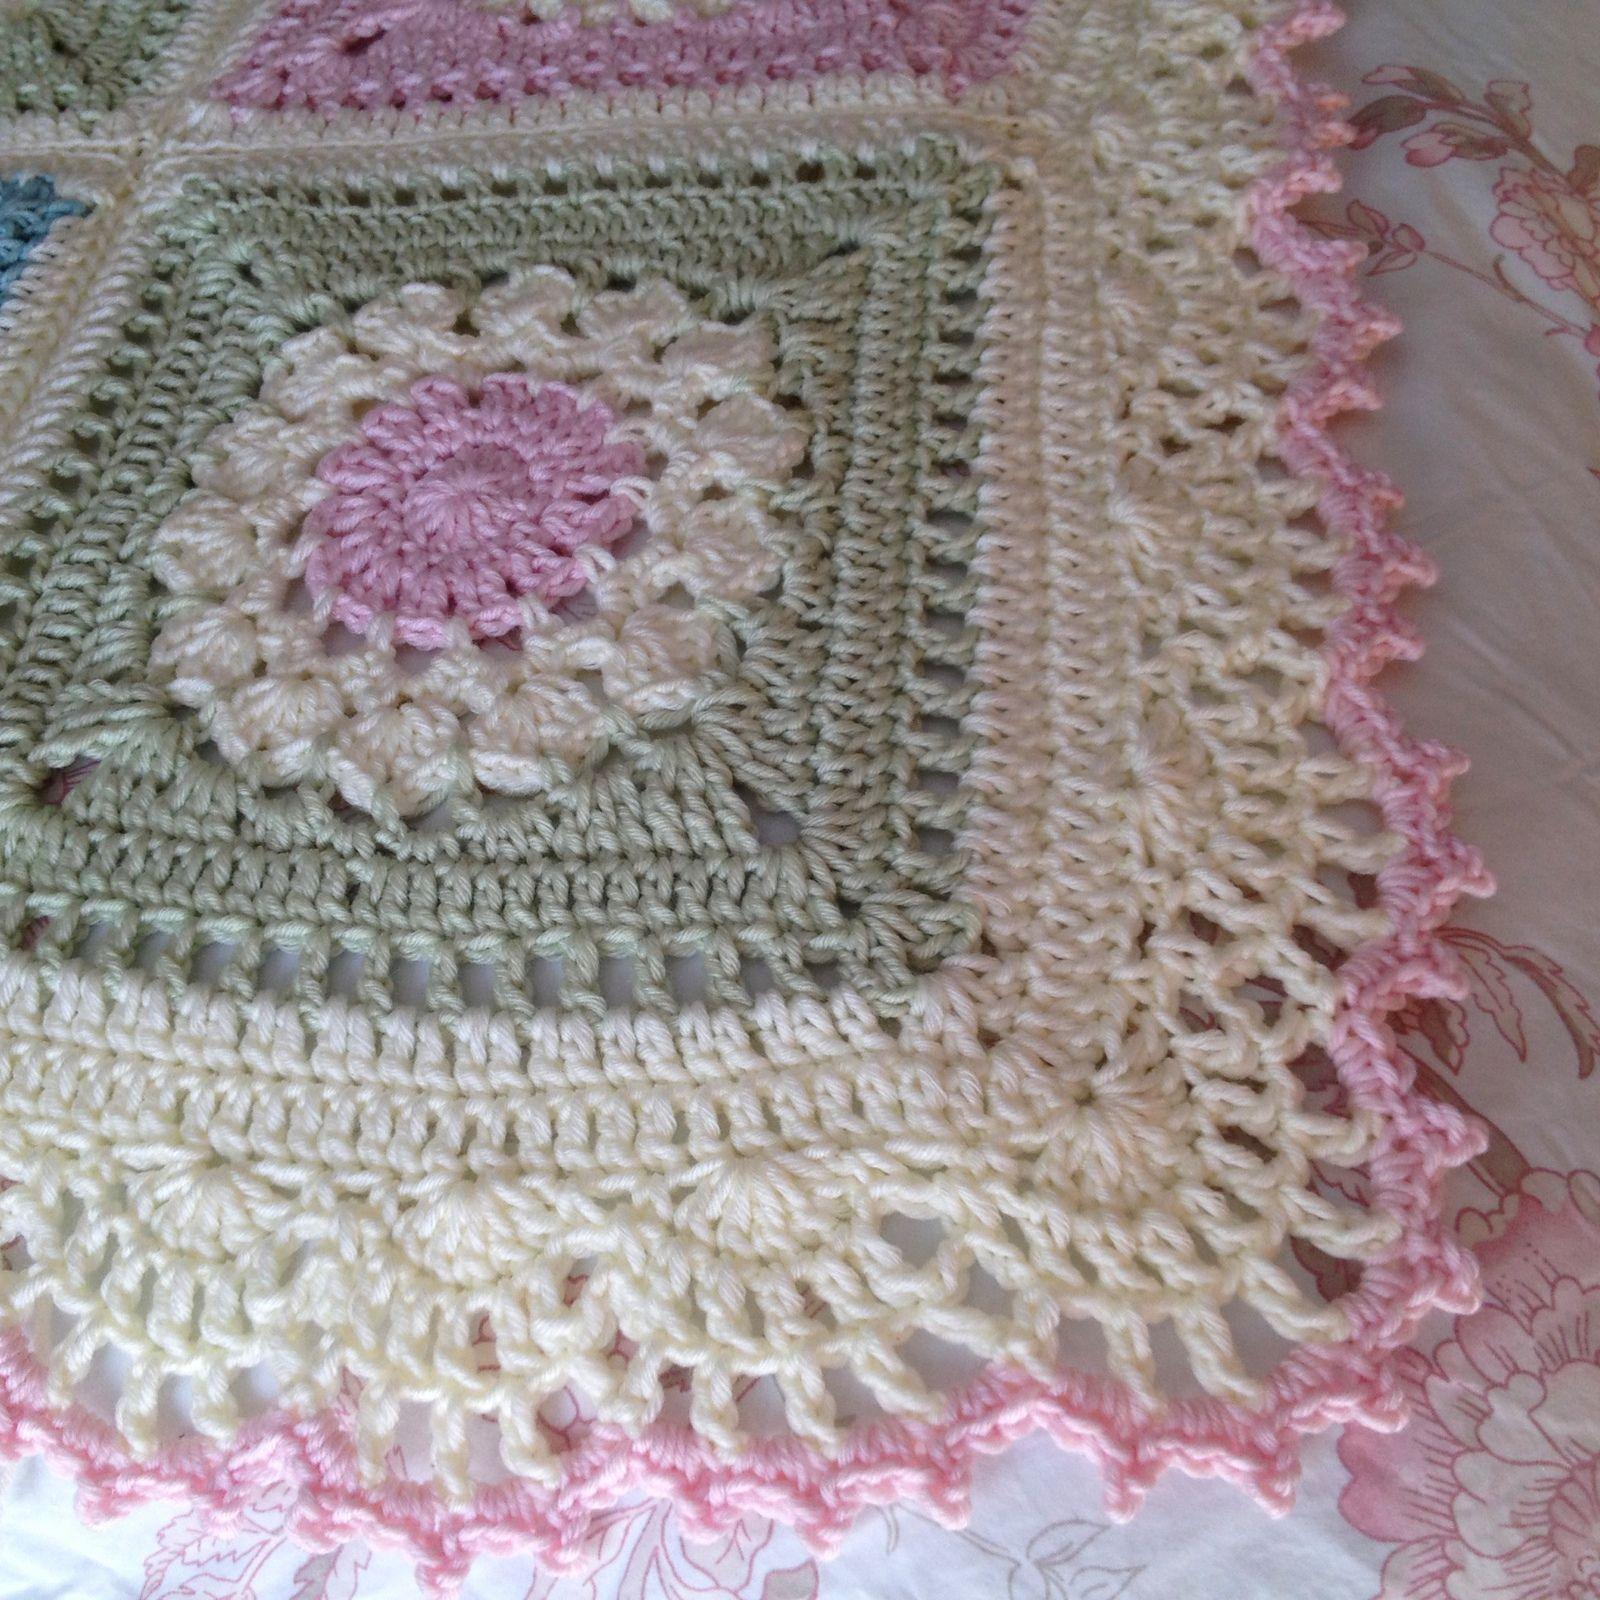 Gran manta de la cama de AnnabelsArmoire Annabel: Ravelry